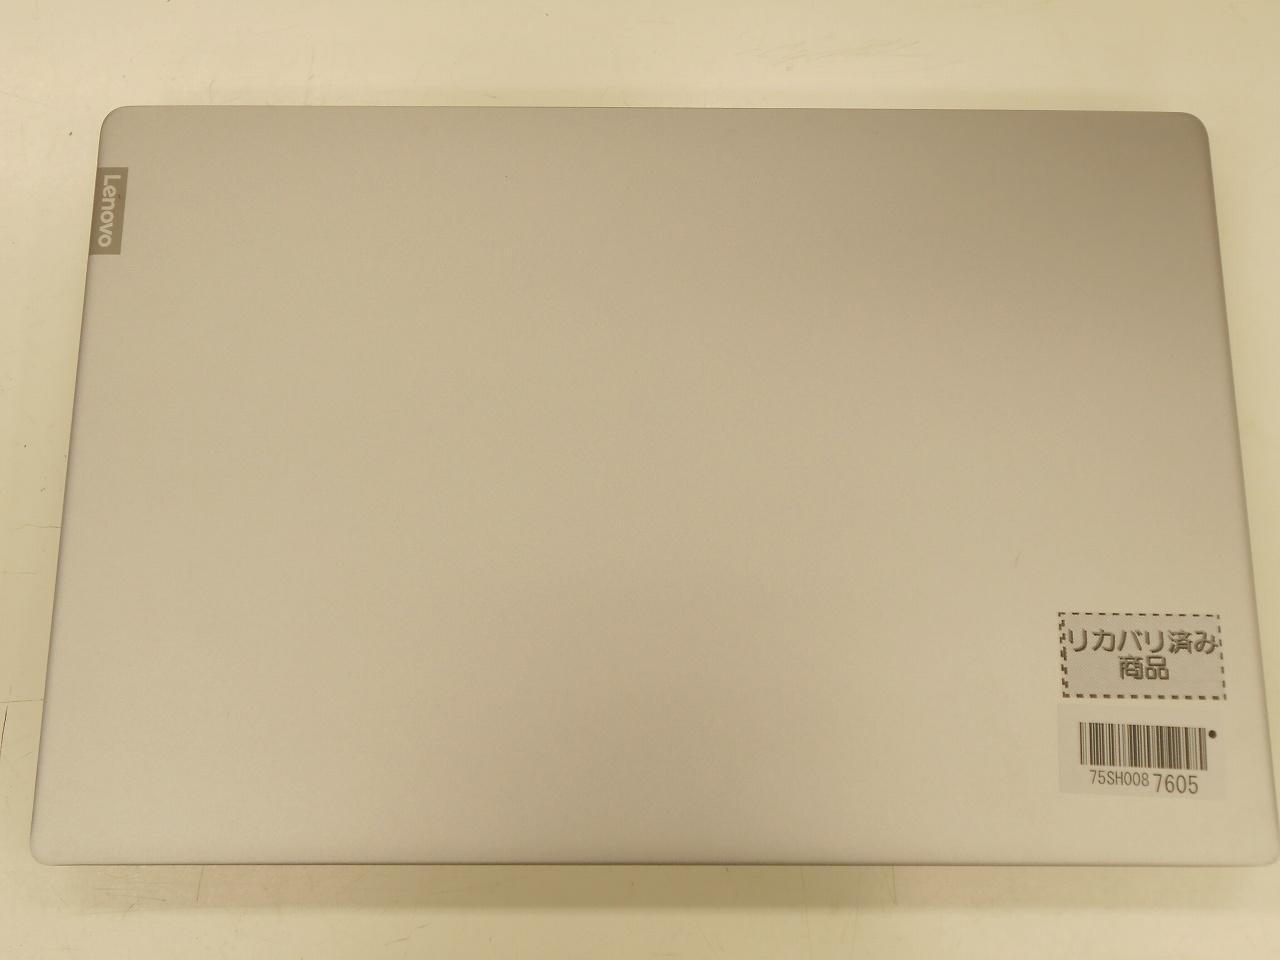 【中古】 Lenovo ideaPad 330S-15ARR/2019年モデル/Ryzen7 2700U 2.2GHz/メモリ8GB/SSD512GB/15インチ/Windows10Home【3ヶ月保証】